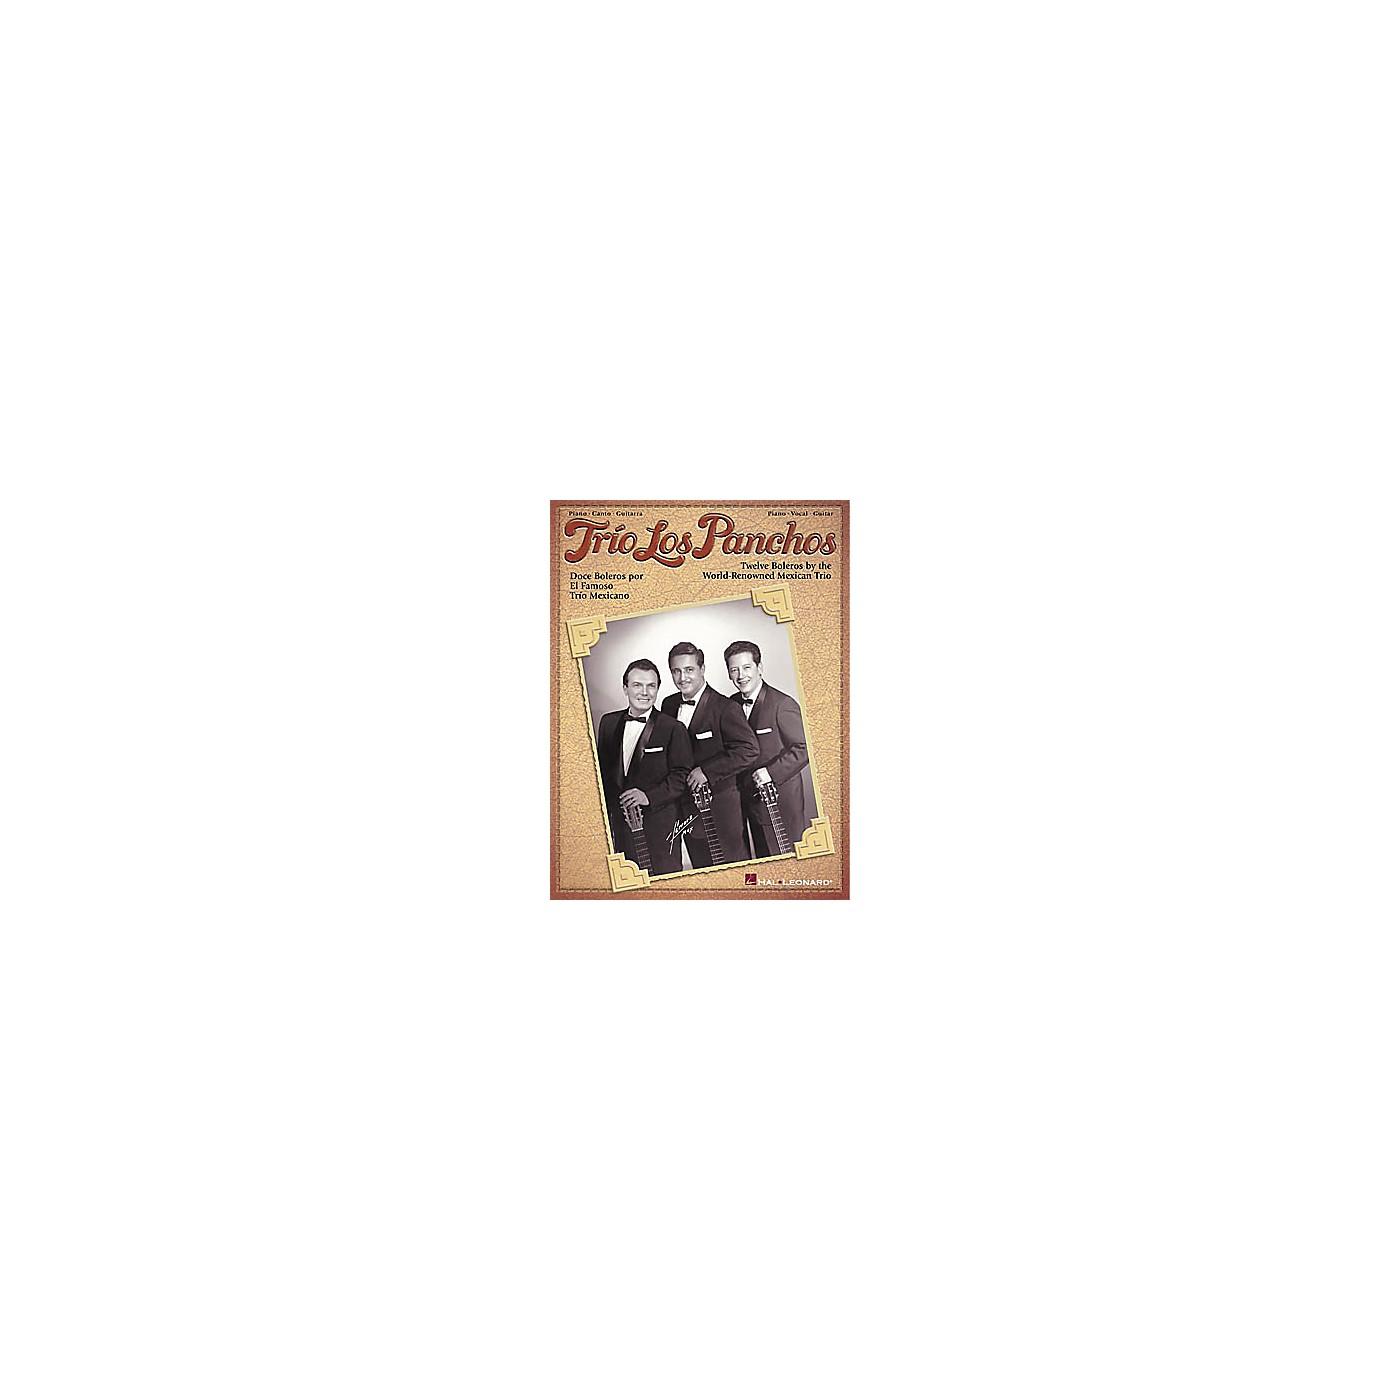 Hal Leonard Trio Los Panchos Piano, Vocal, Guitar Songbook thumbnail